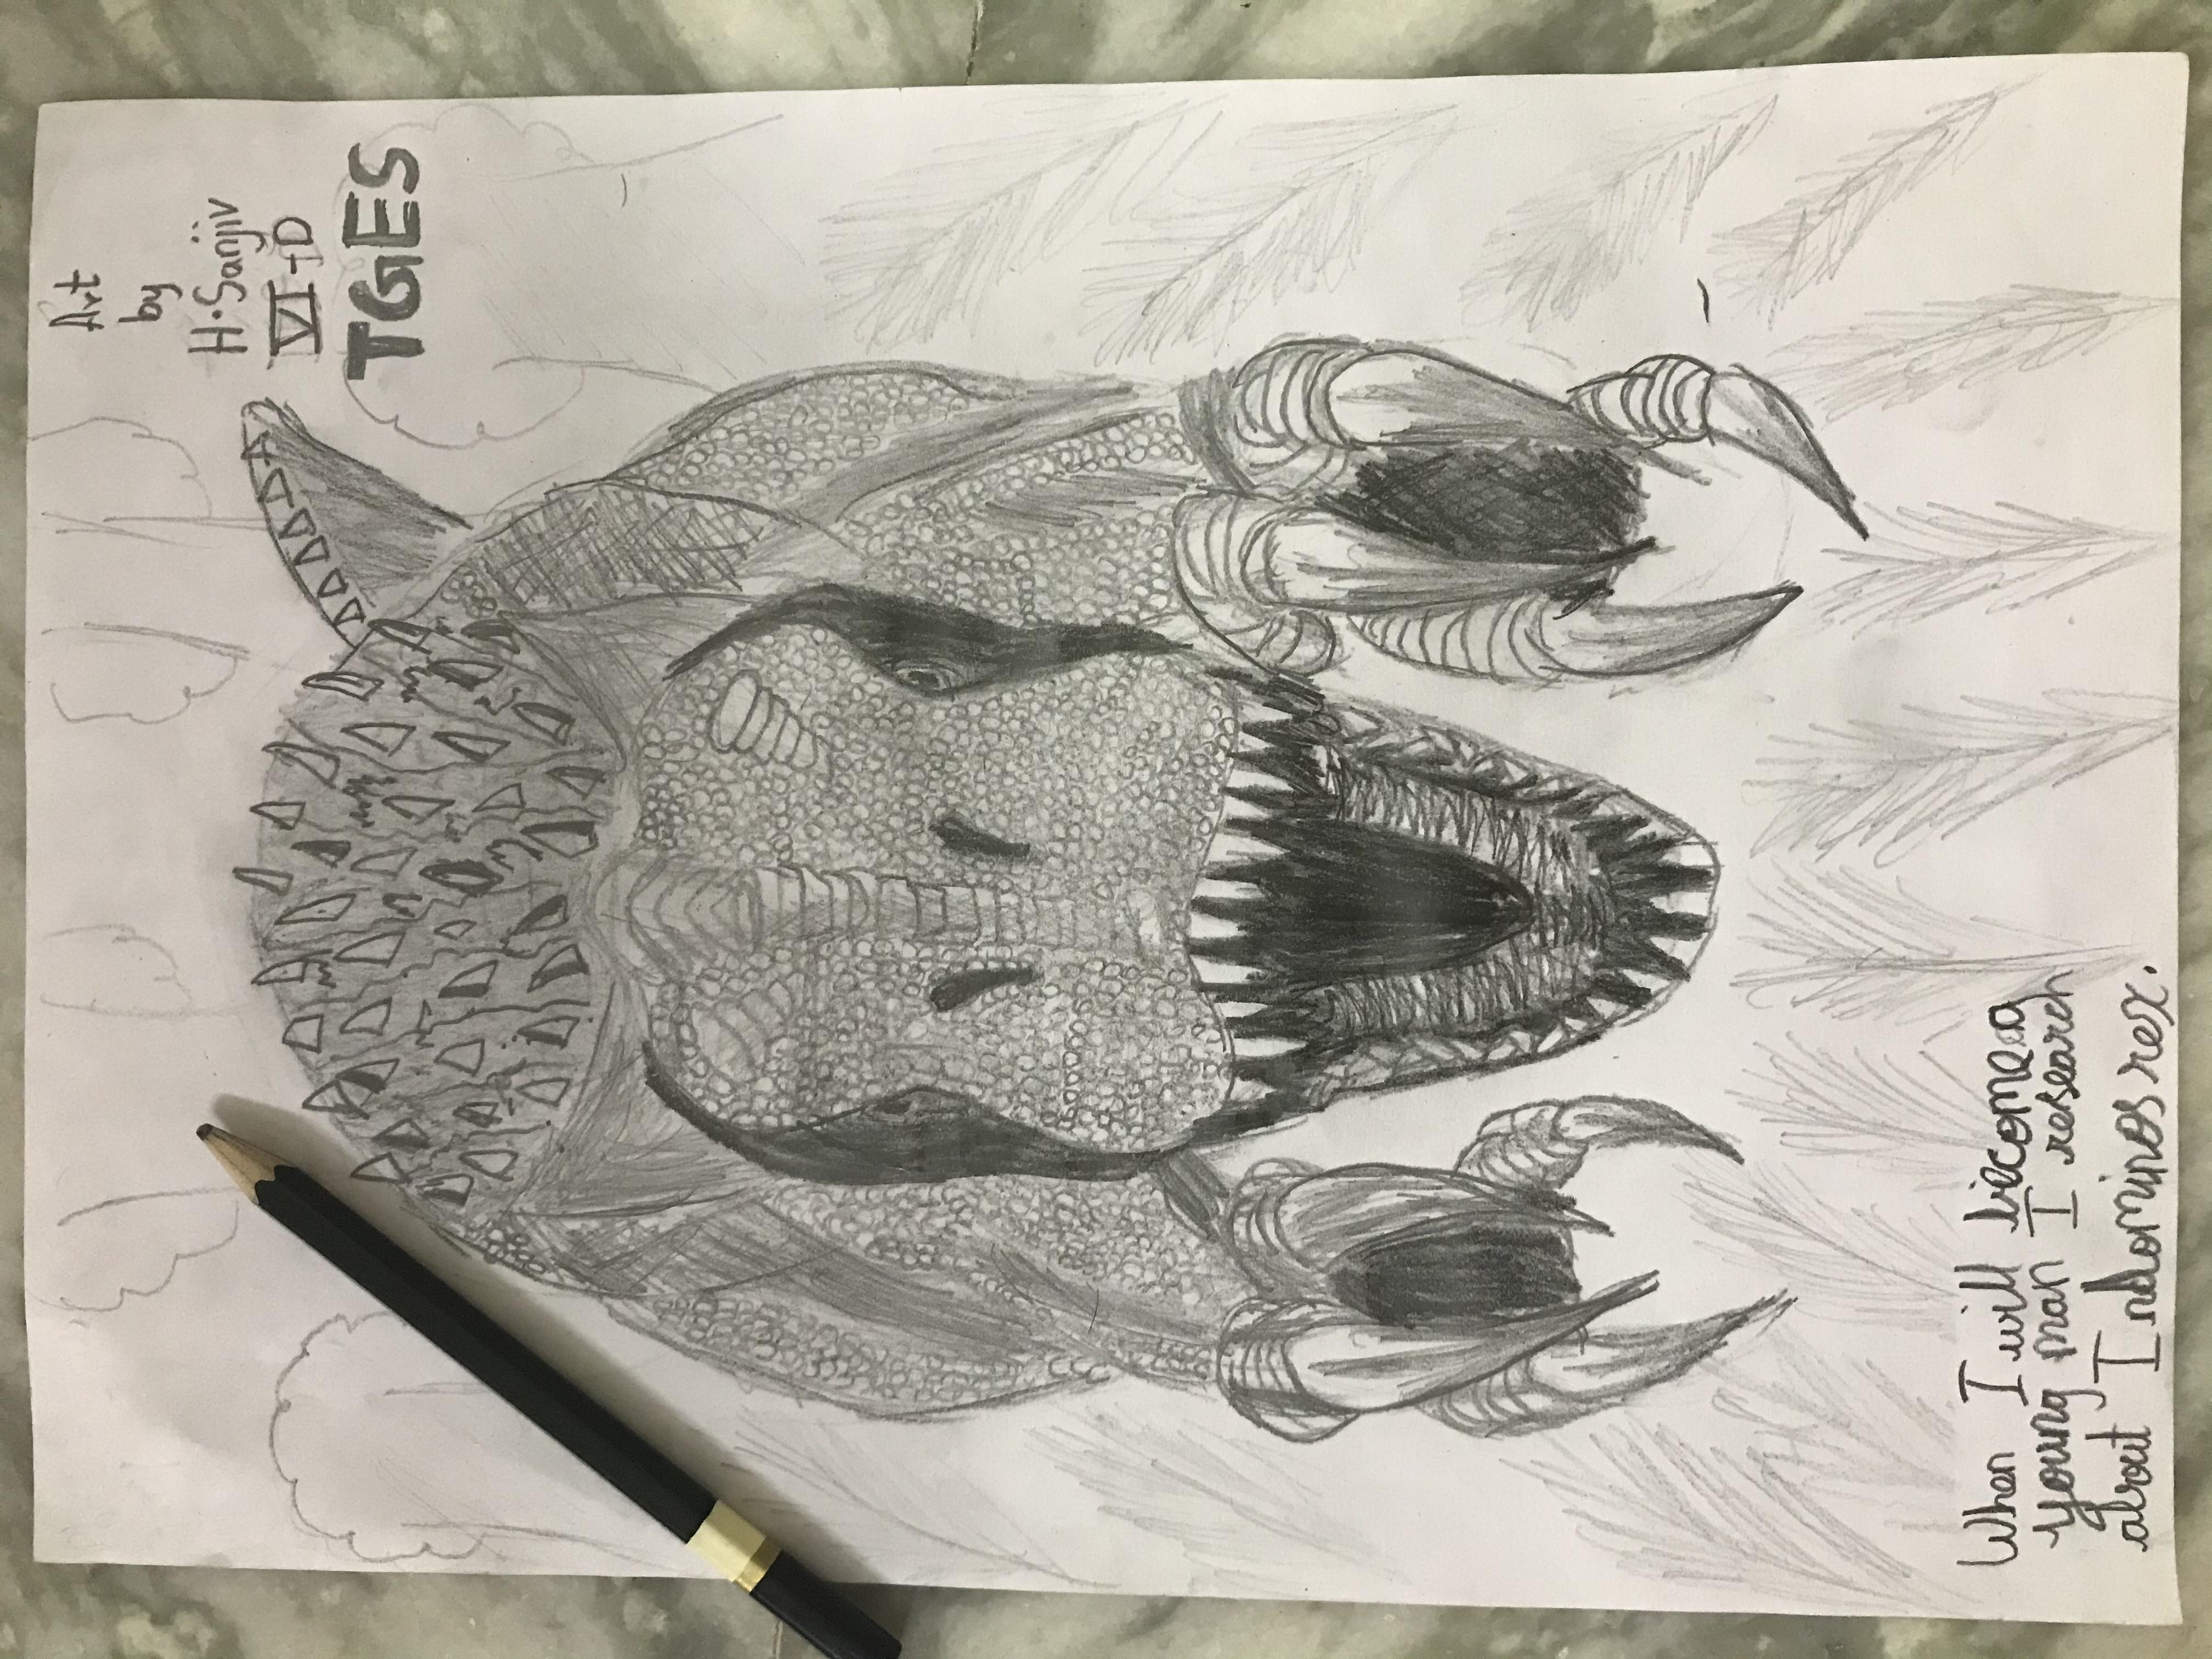 Sanjiv Sketches Indominus Rex